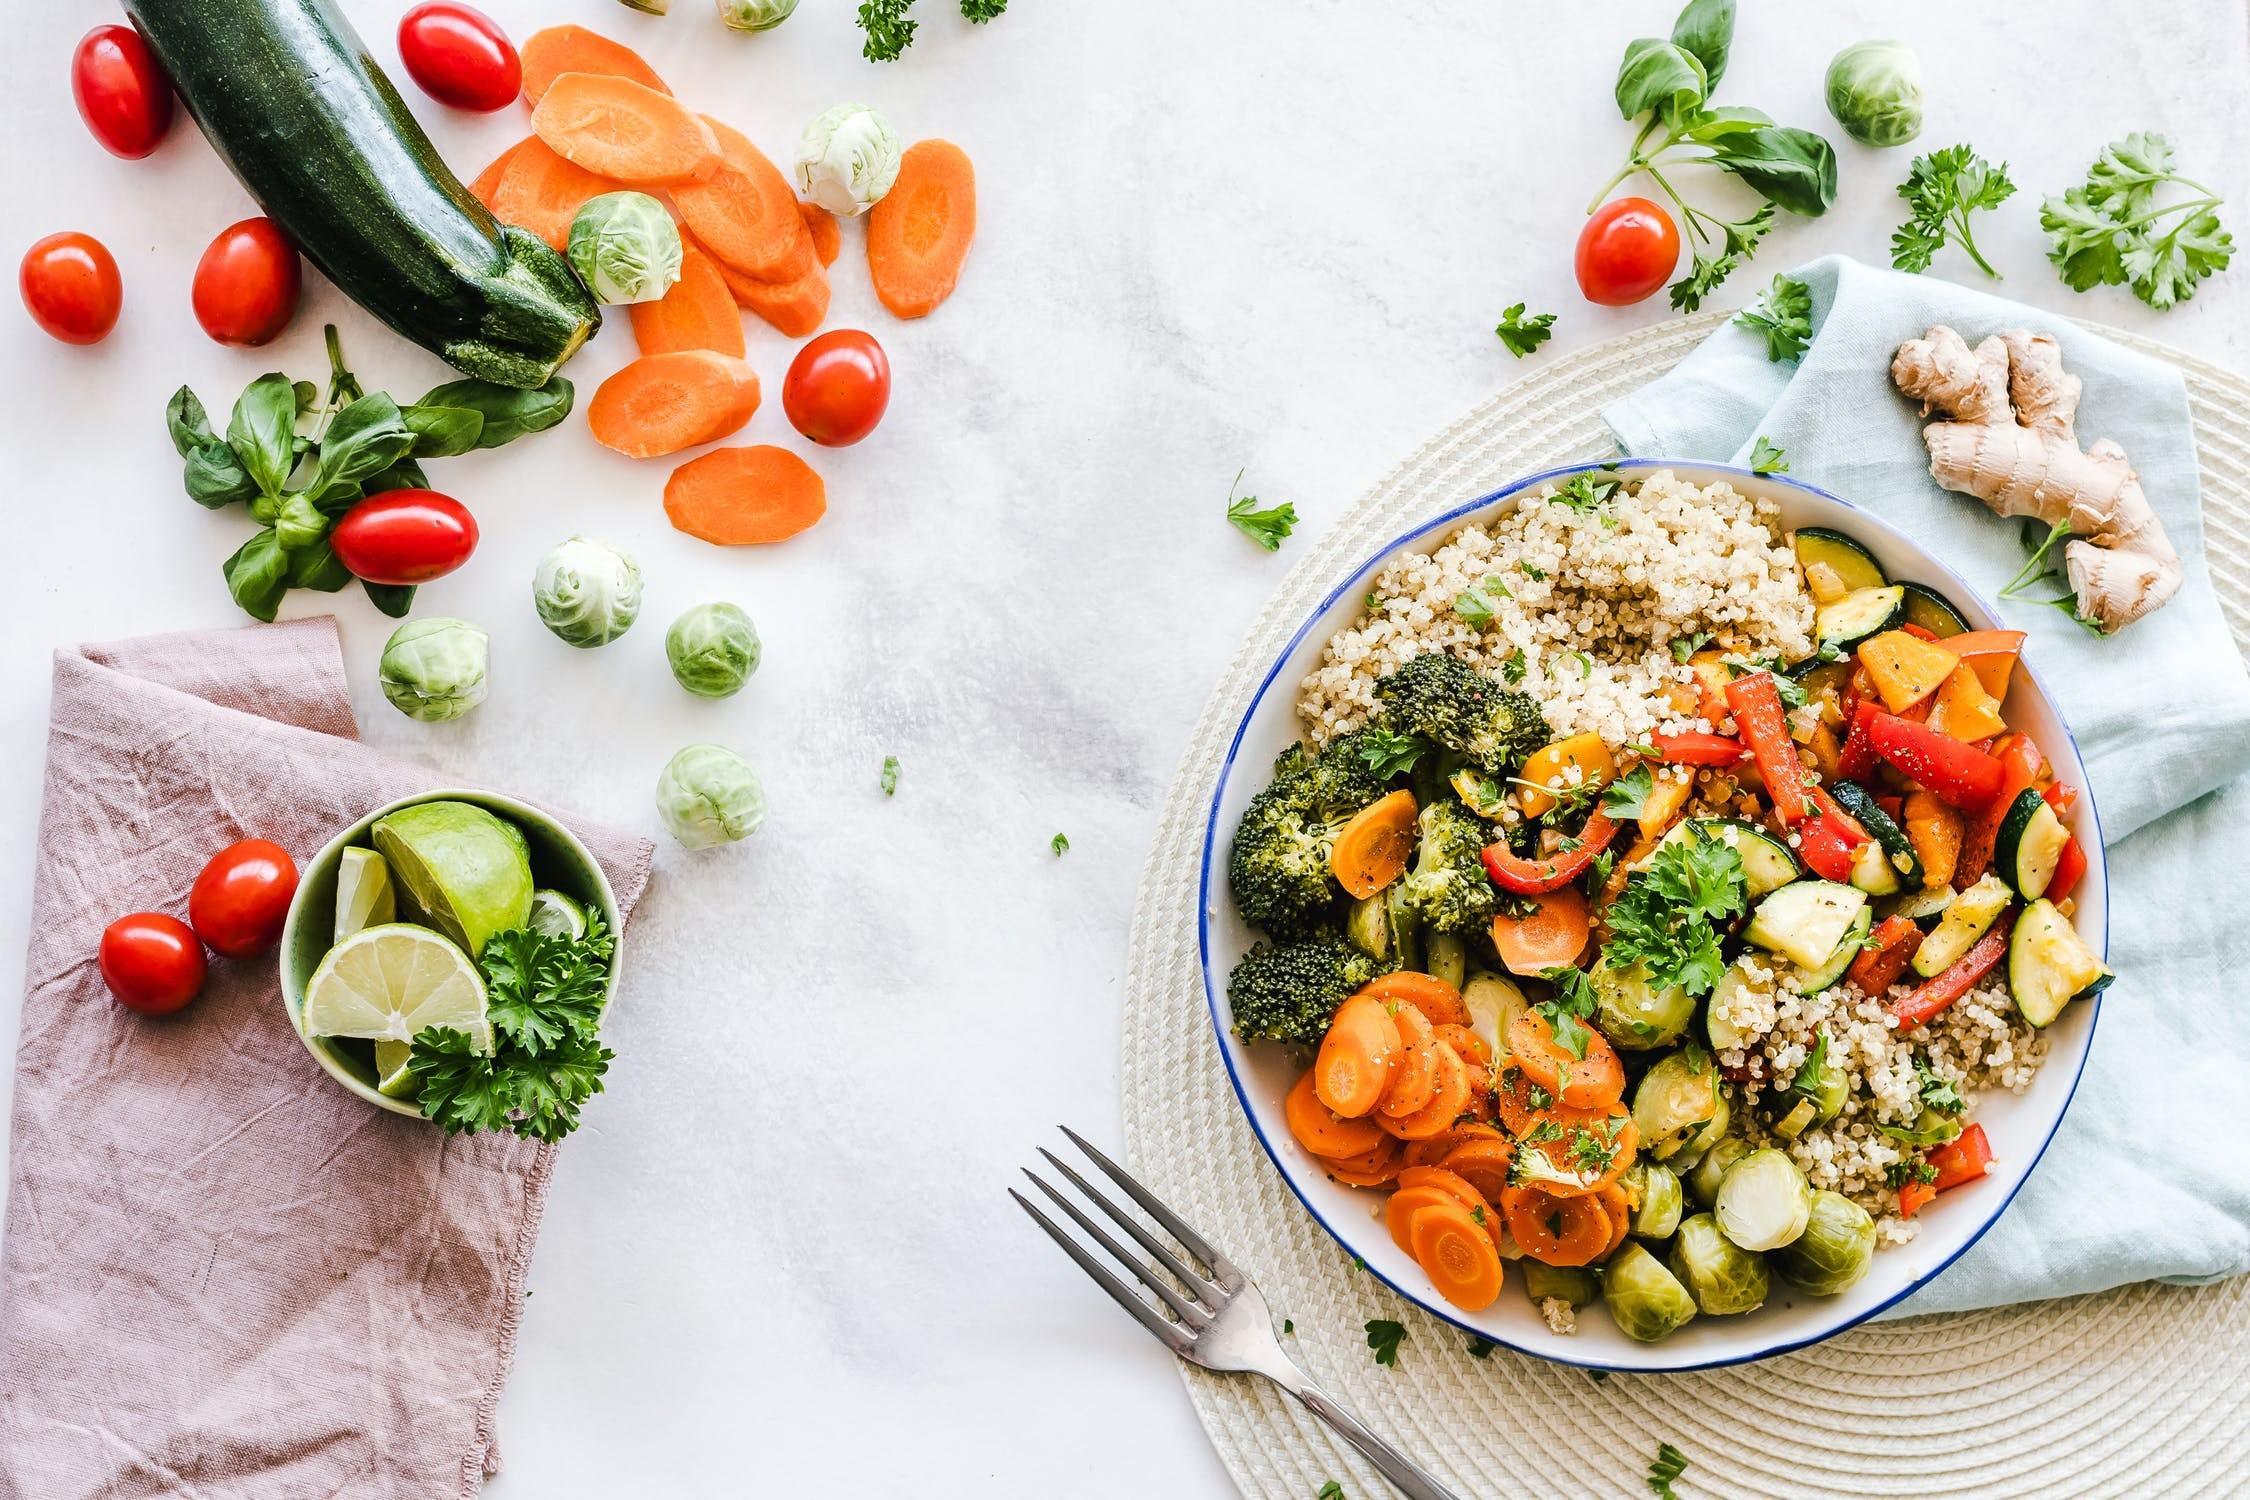 Healthy Food | LinkedIn